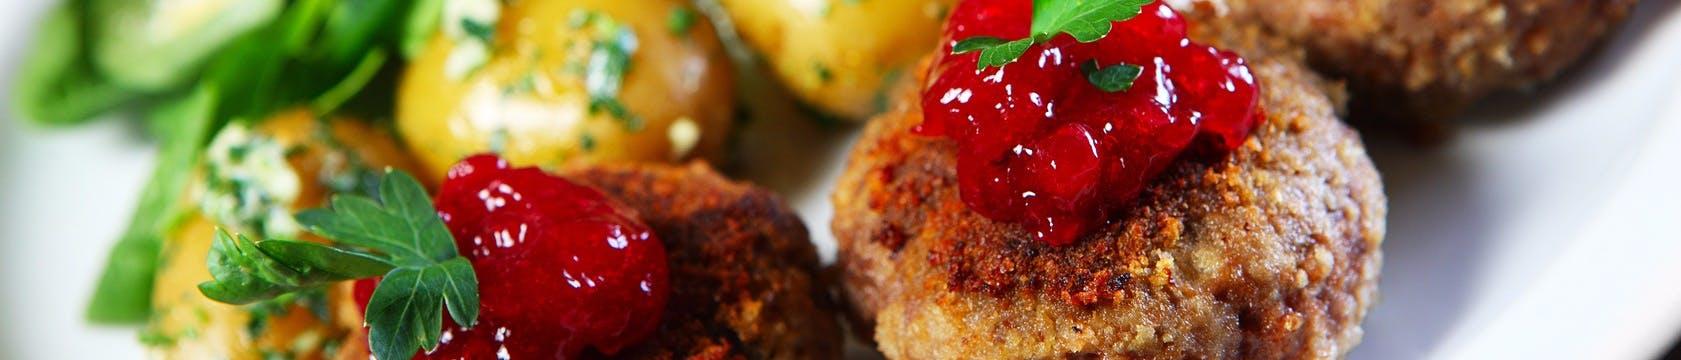 Domowe jedzenie z restauracji w Piekarach Śląskich